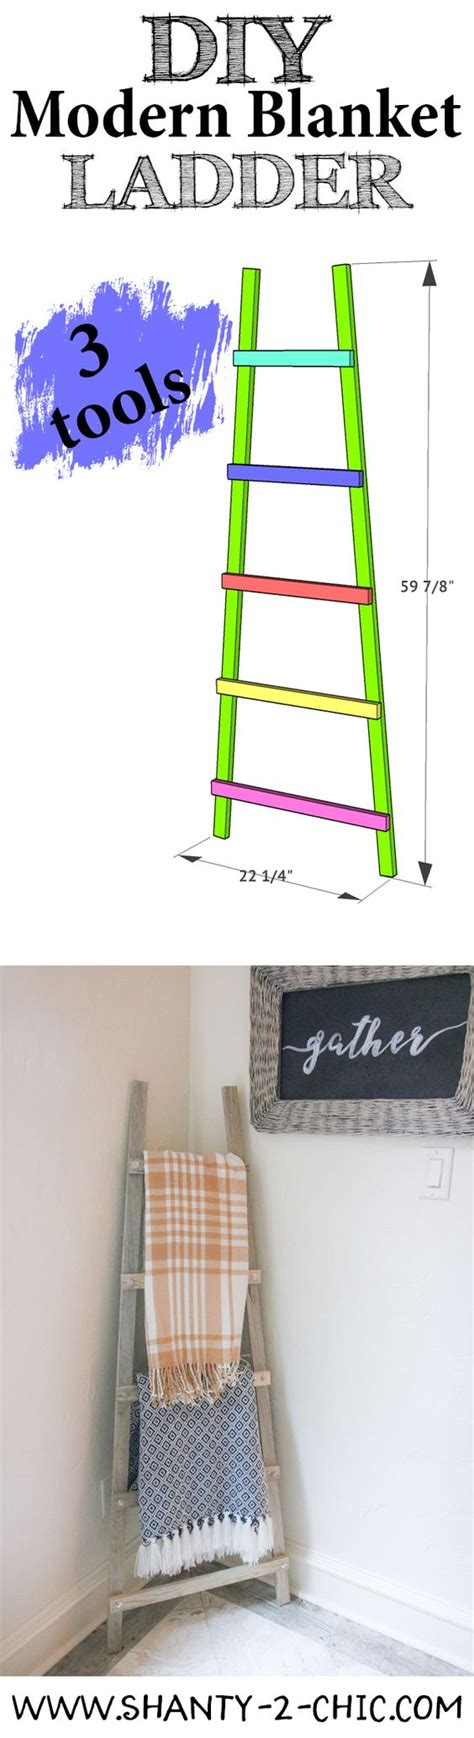 blanket ladder diy for flat pinterest pinterest the world s catalog of ideas